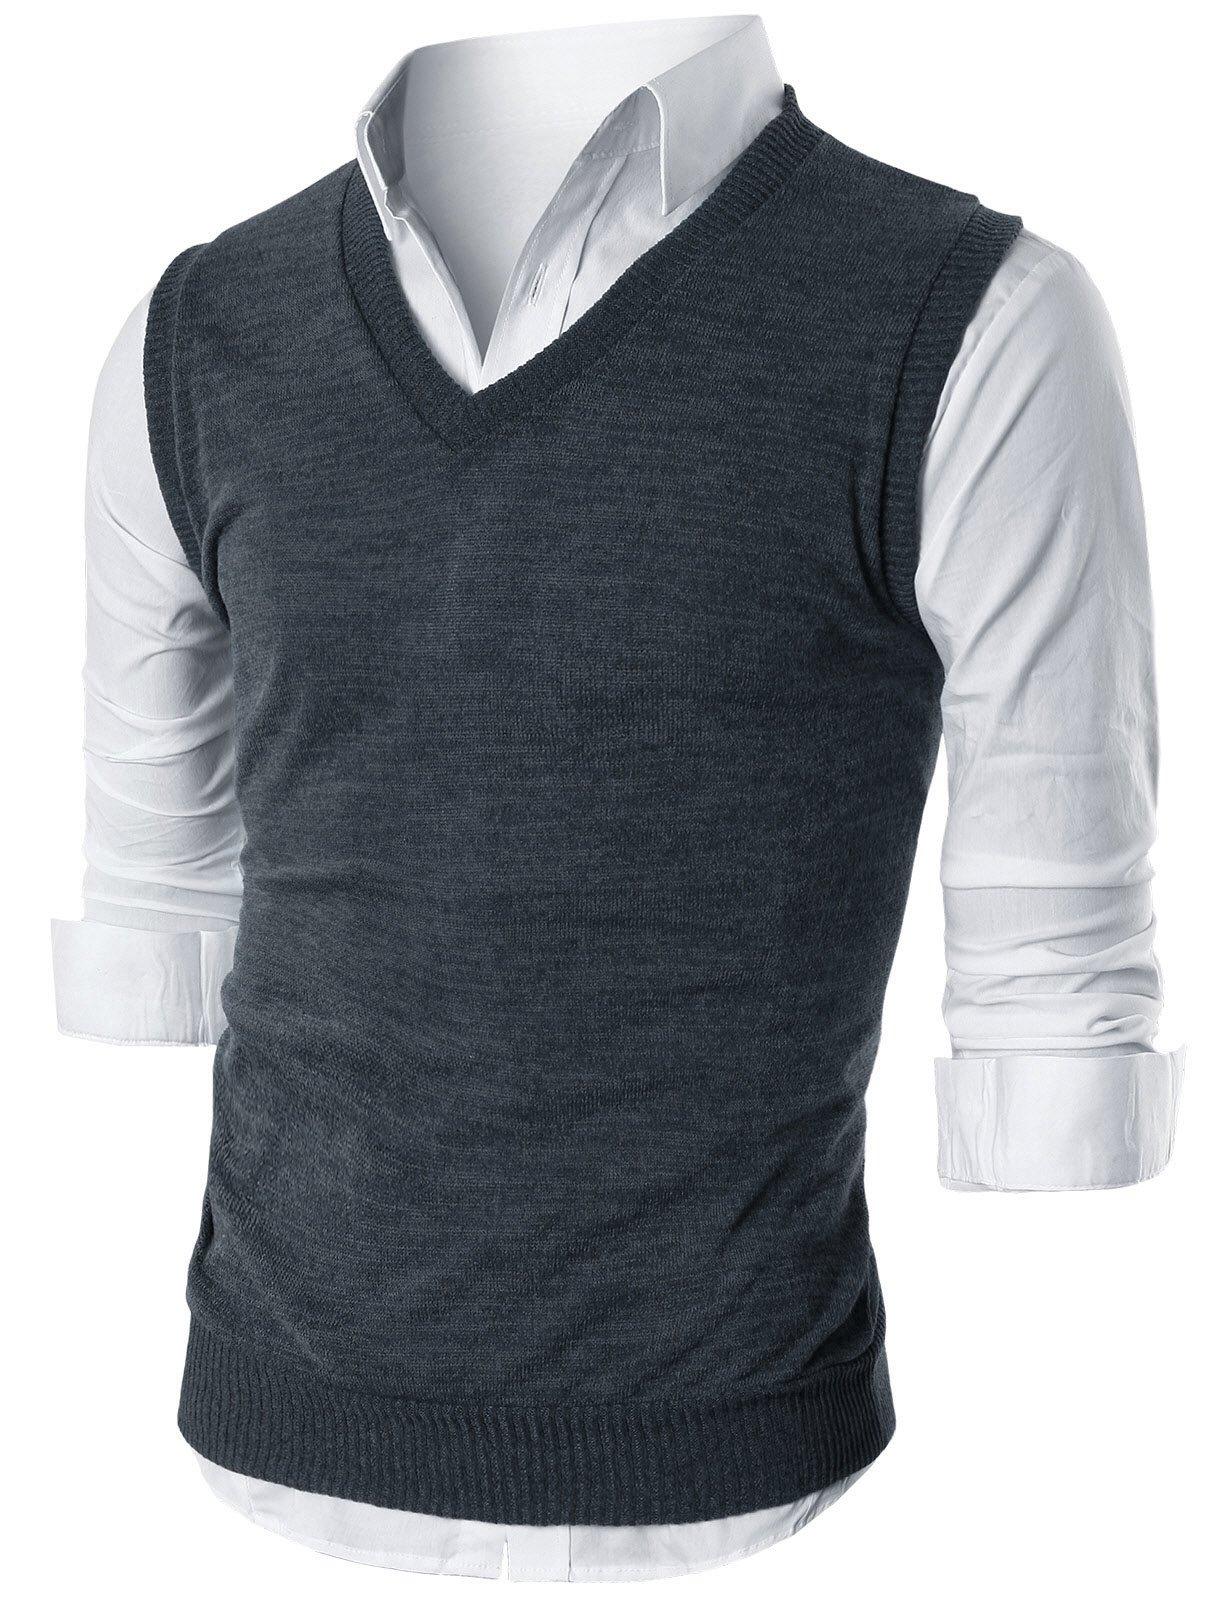 Ohoo Mens Slim Fit Casual V-Neck Knit Vest/DCV010-DARKCHARCOAL-L